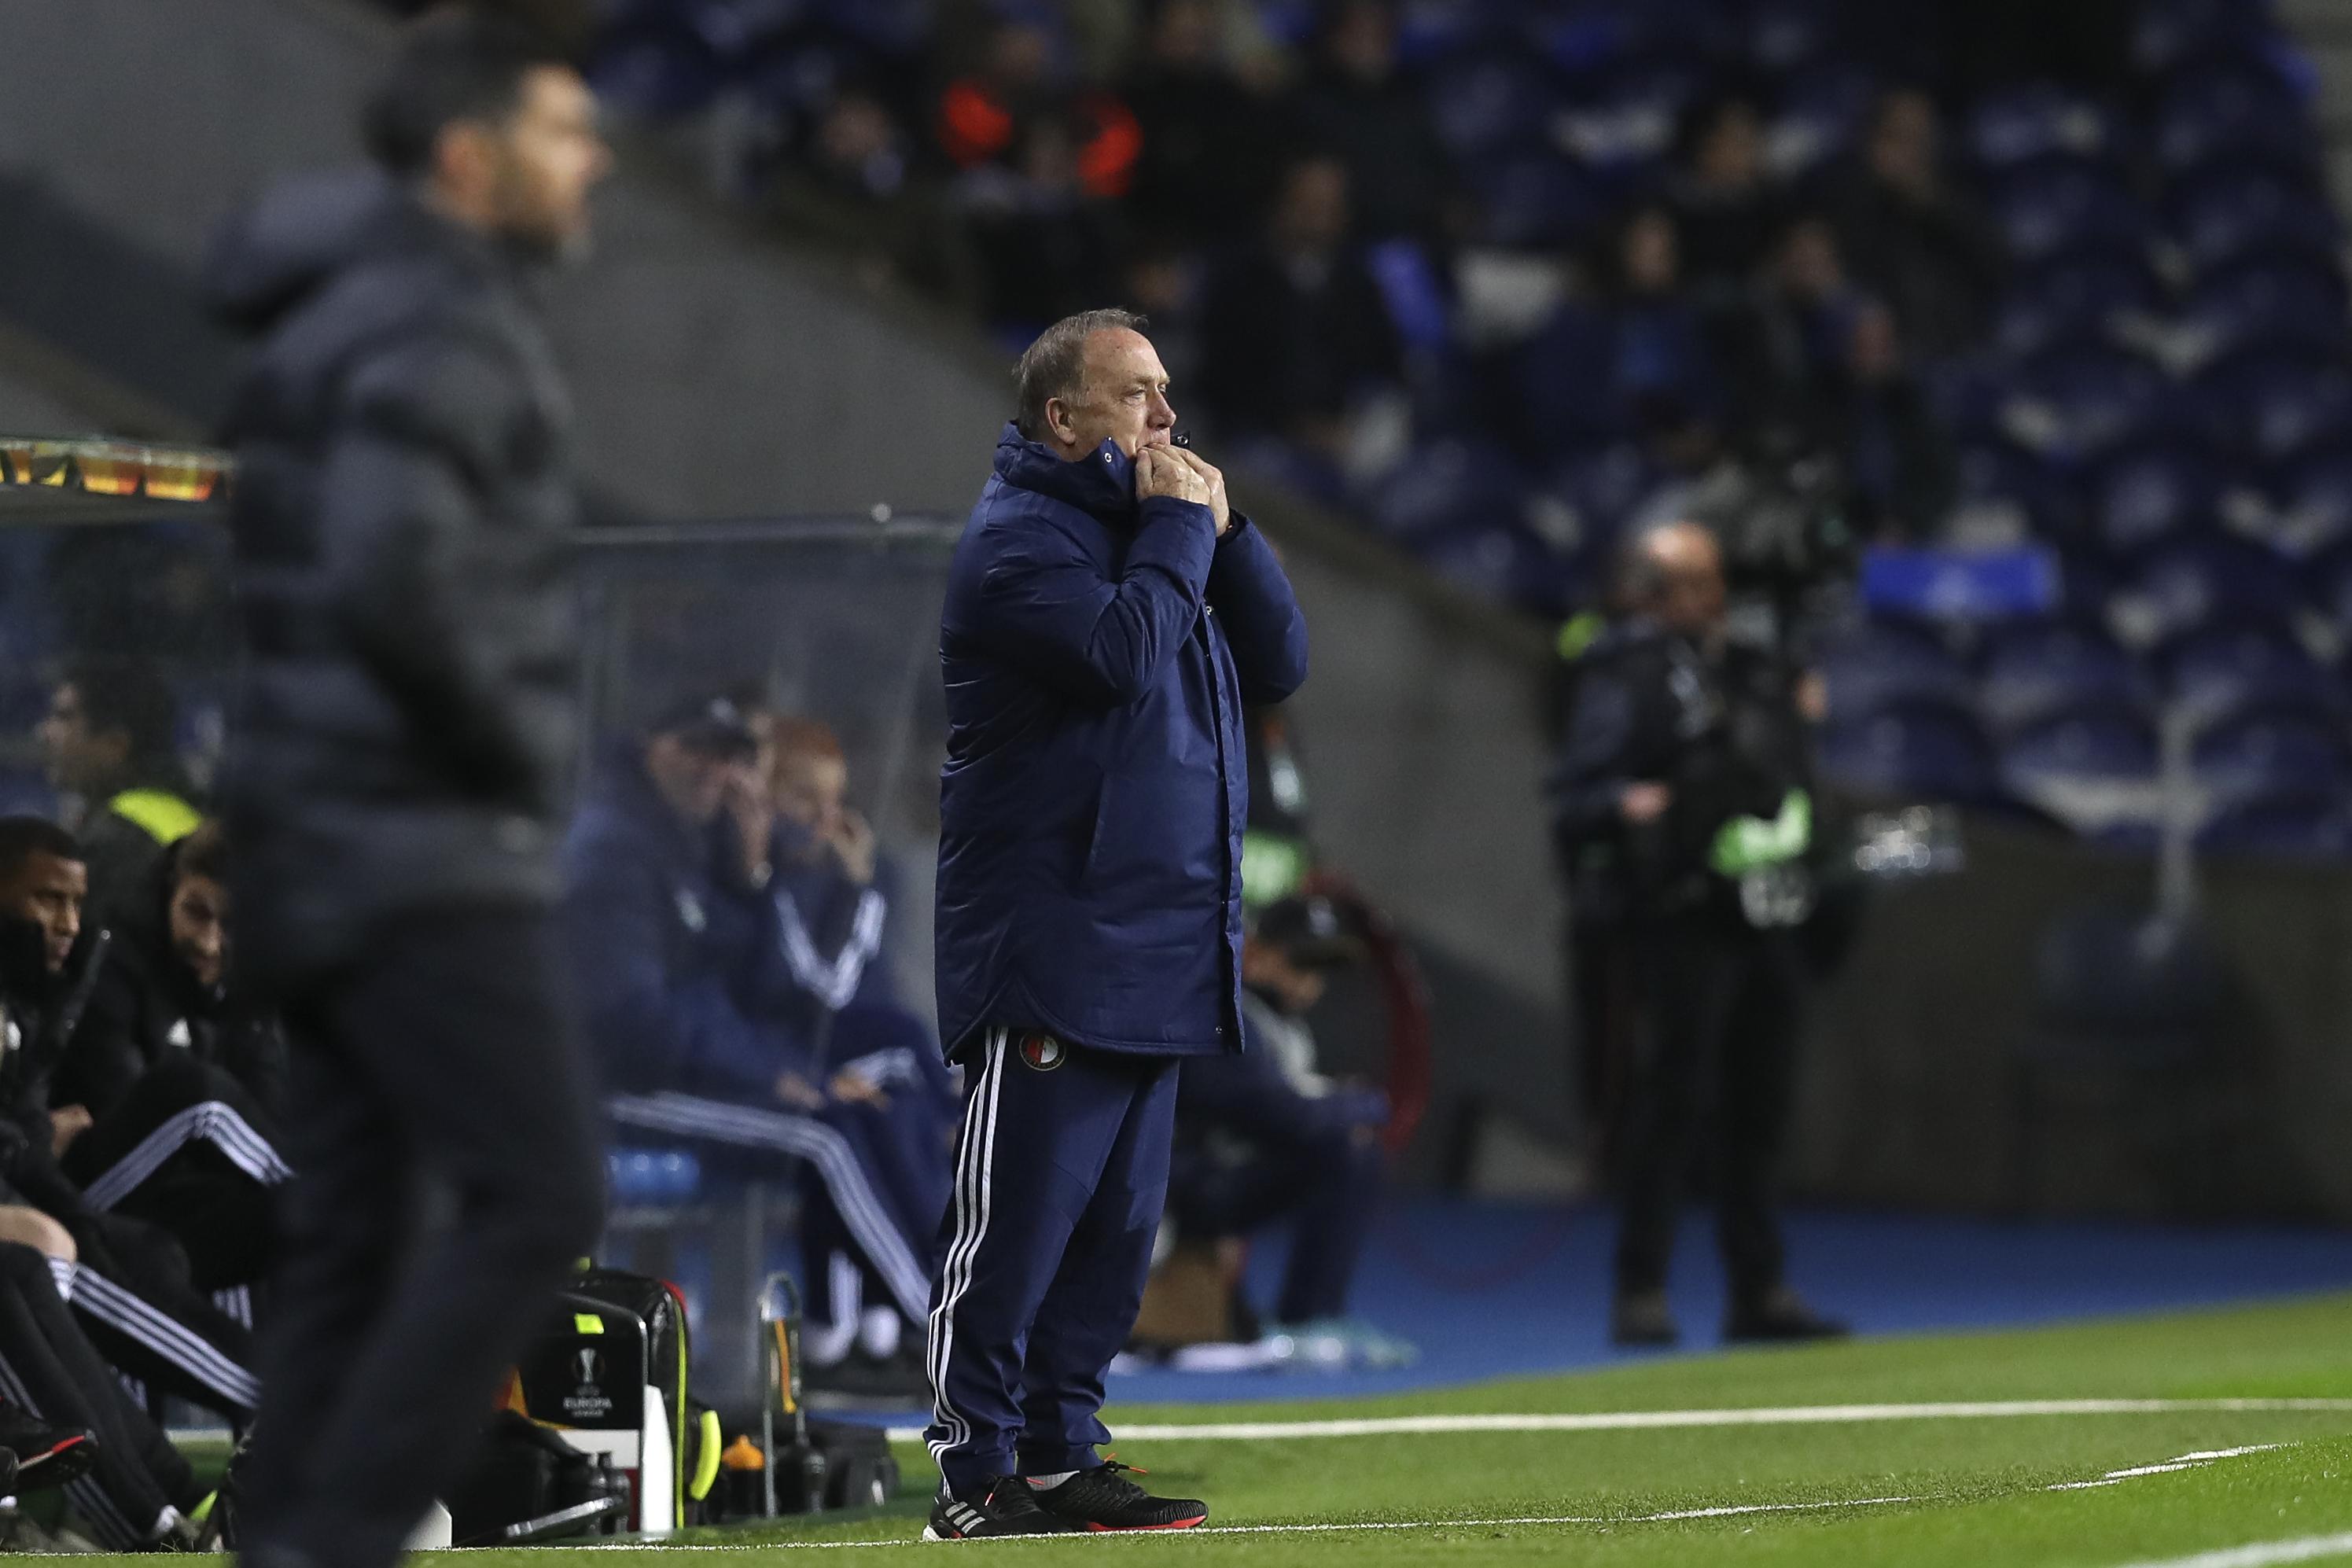 """Treinador do Feyenoord: """"Queria testar a equipa contra um clube de topo europeu"""""""